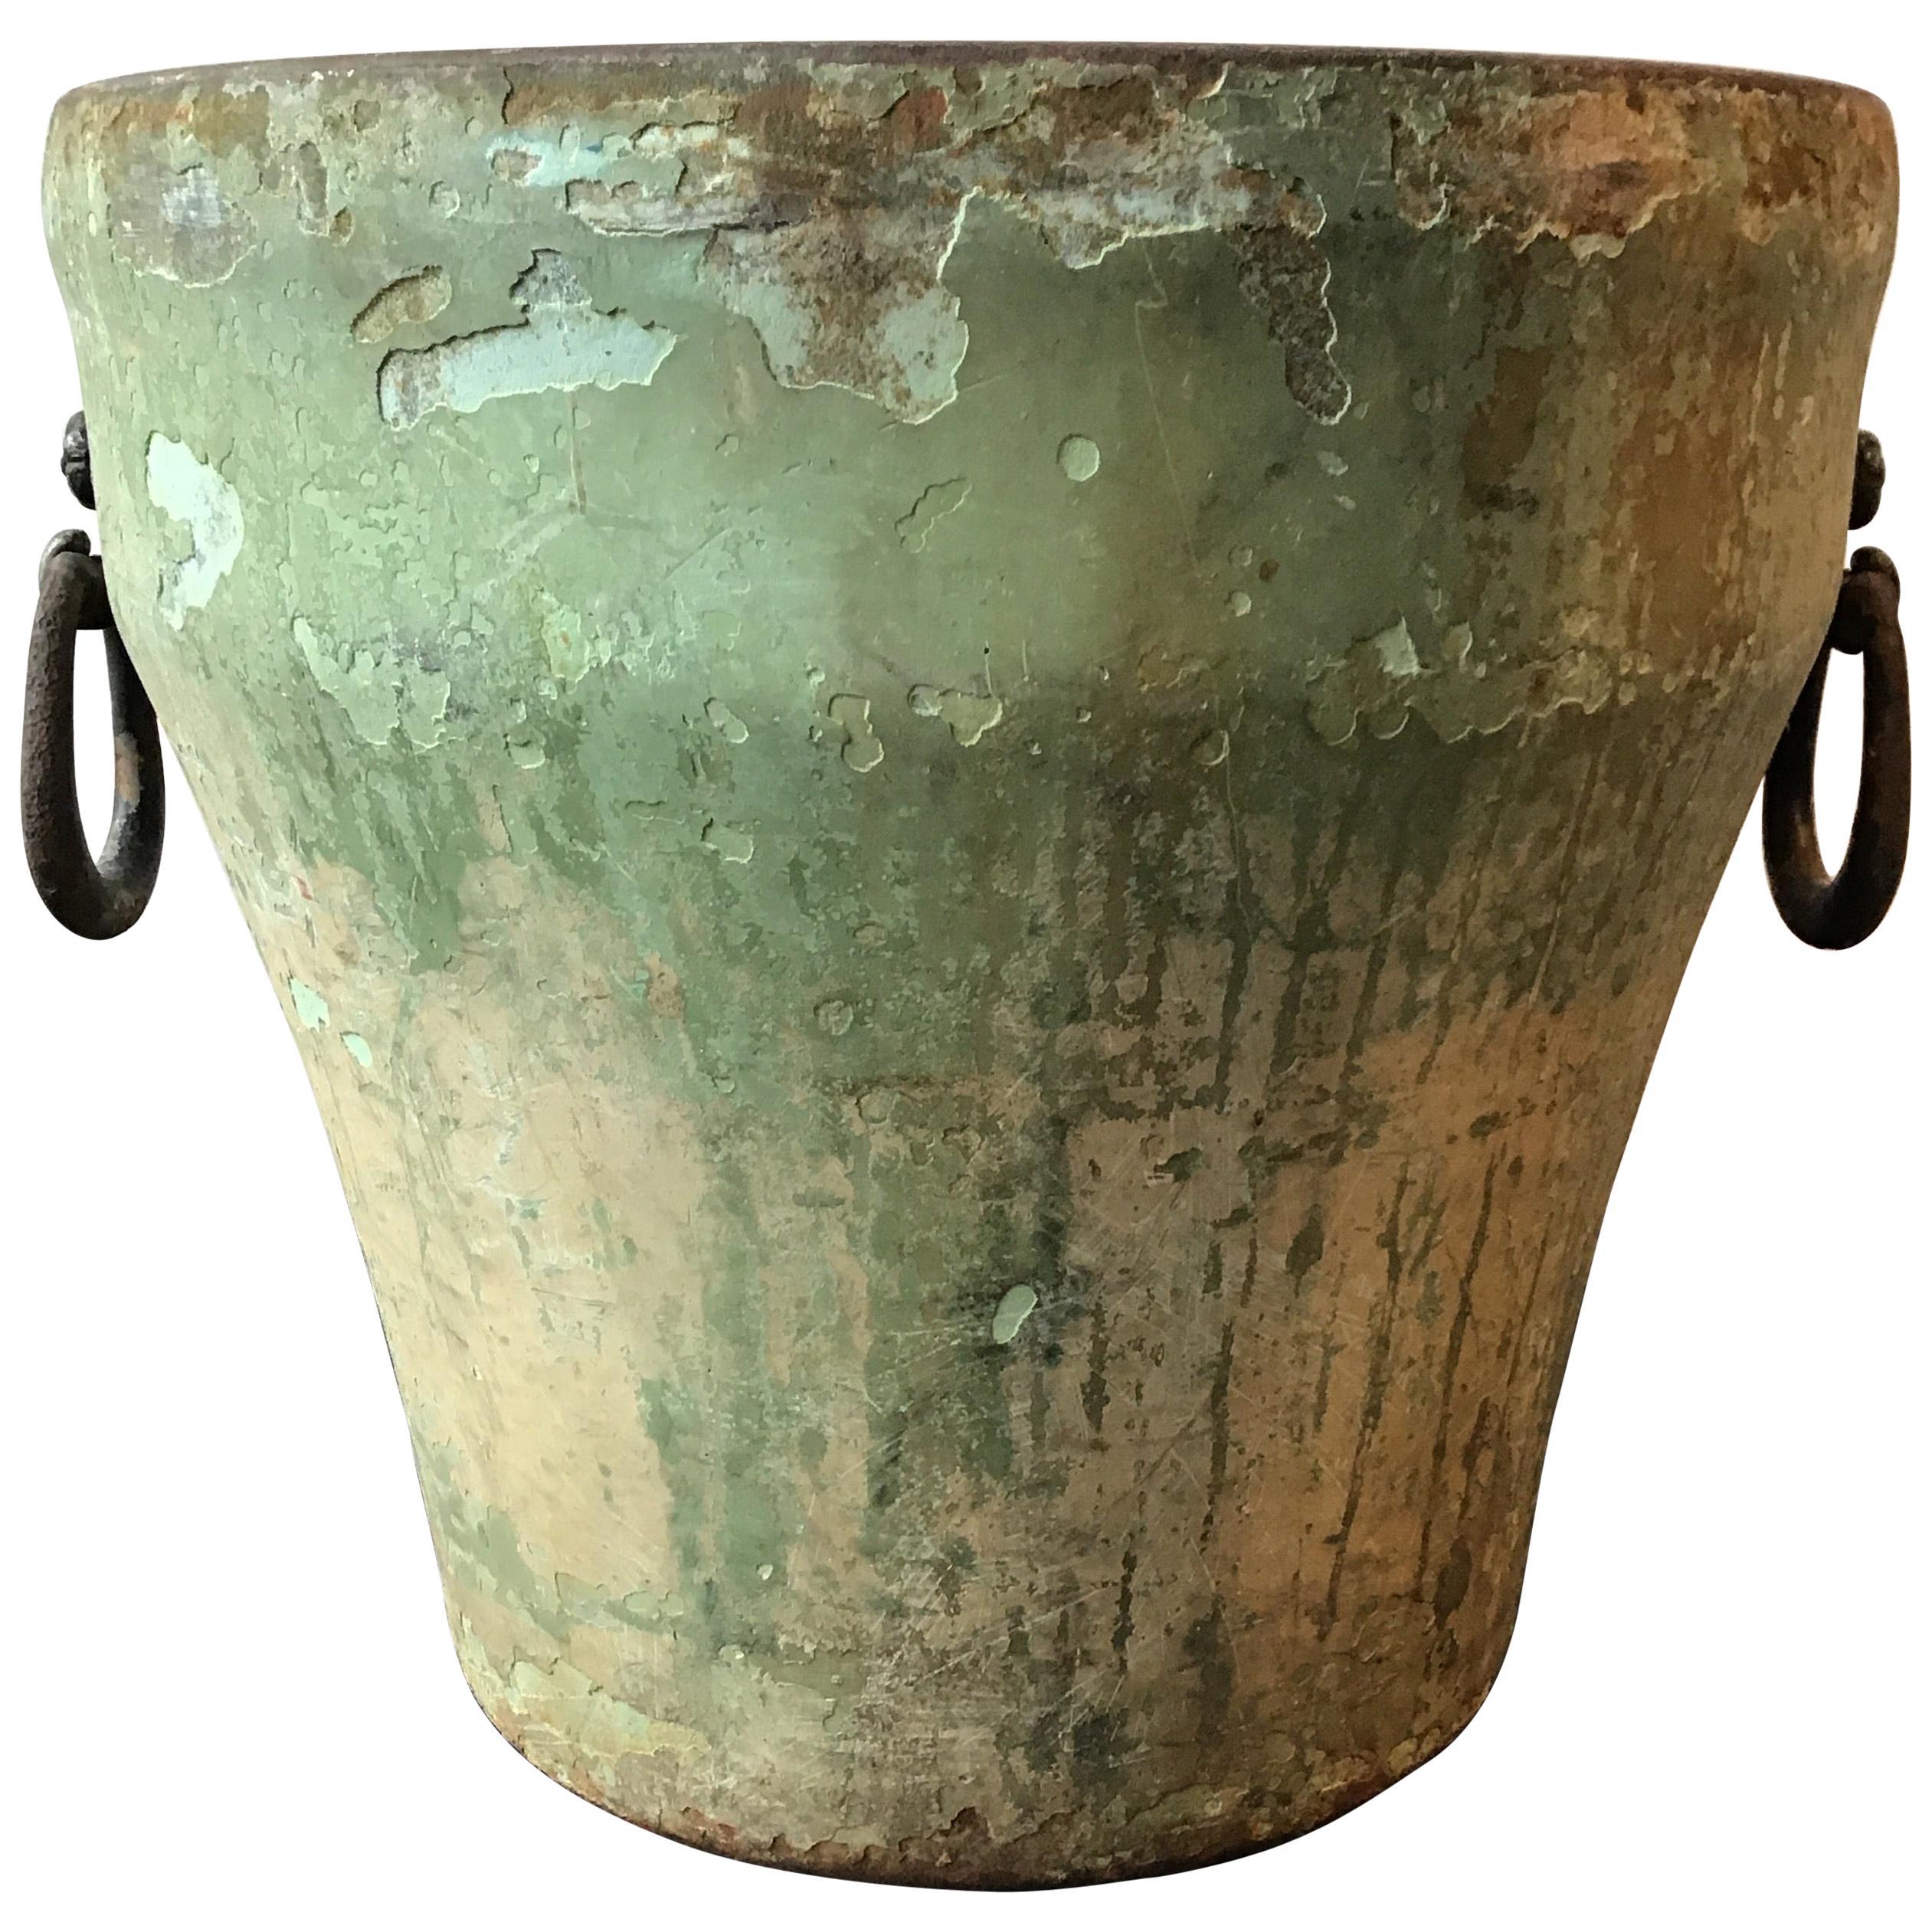 1940s Iron Flower Pot